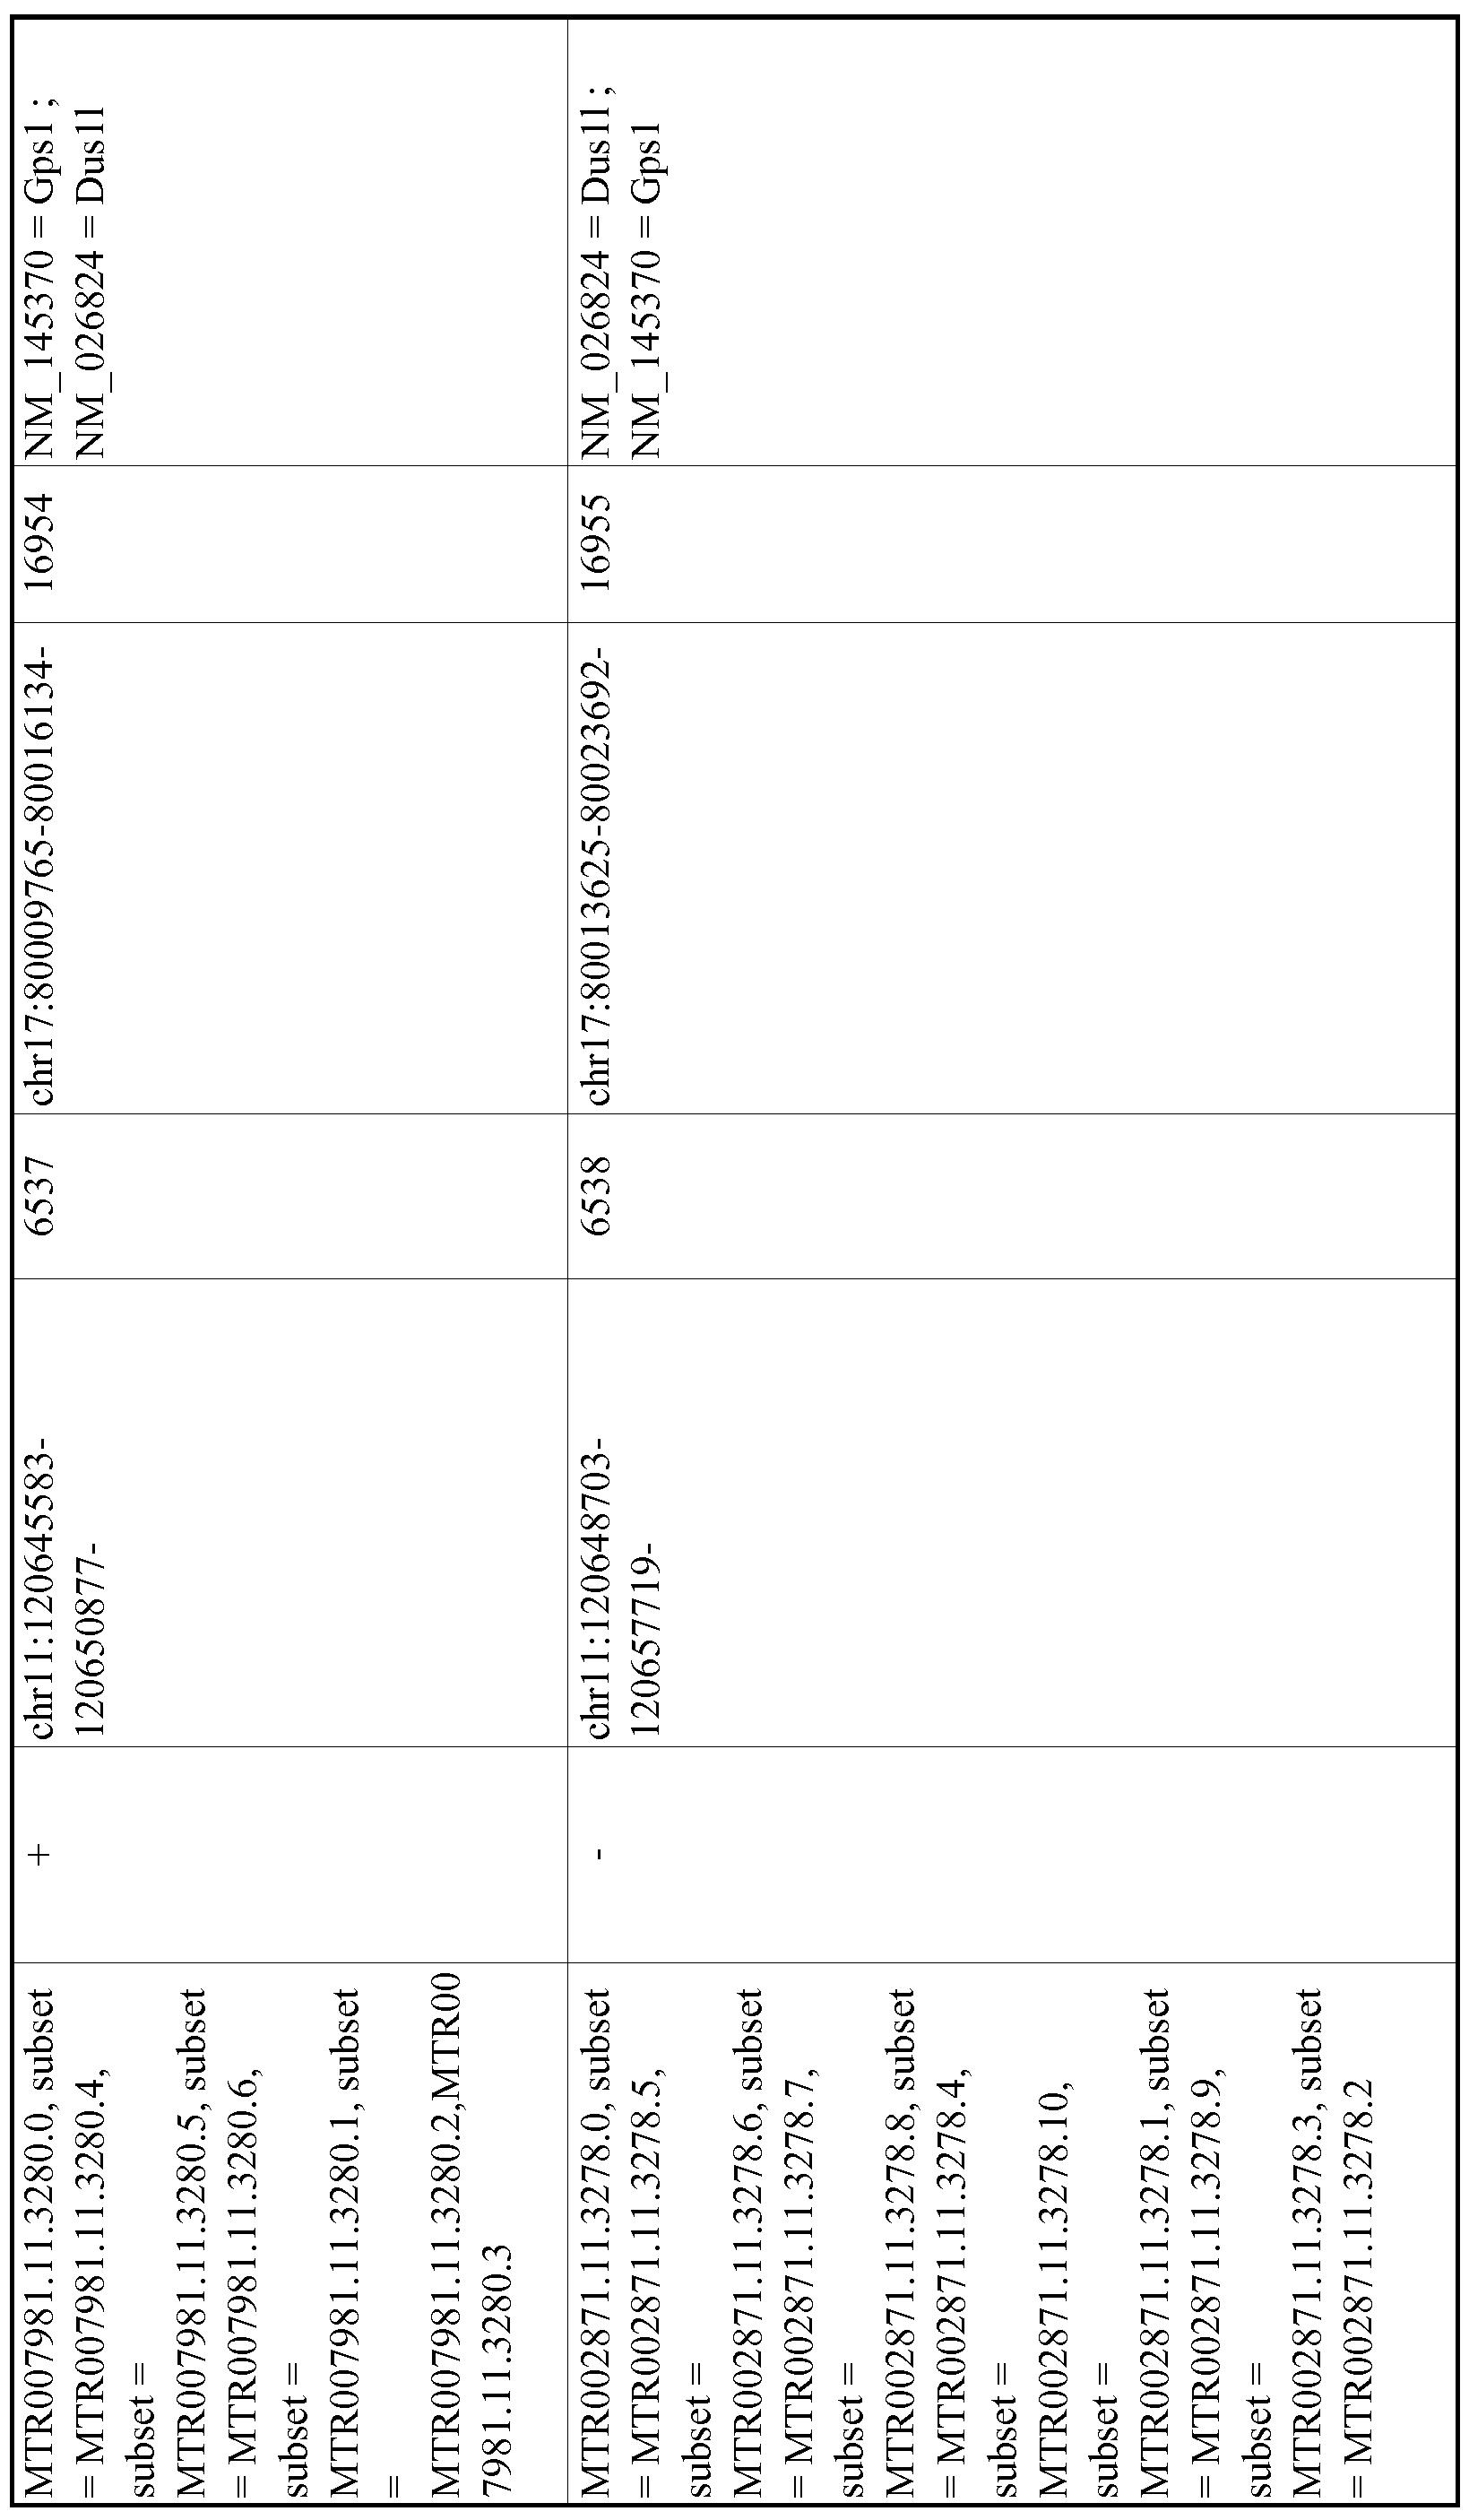 Figure imgf001174_0001